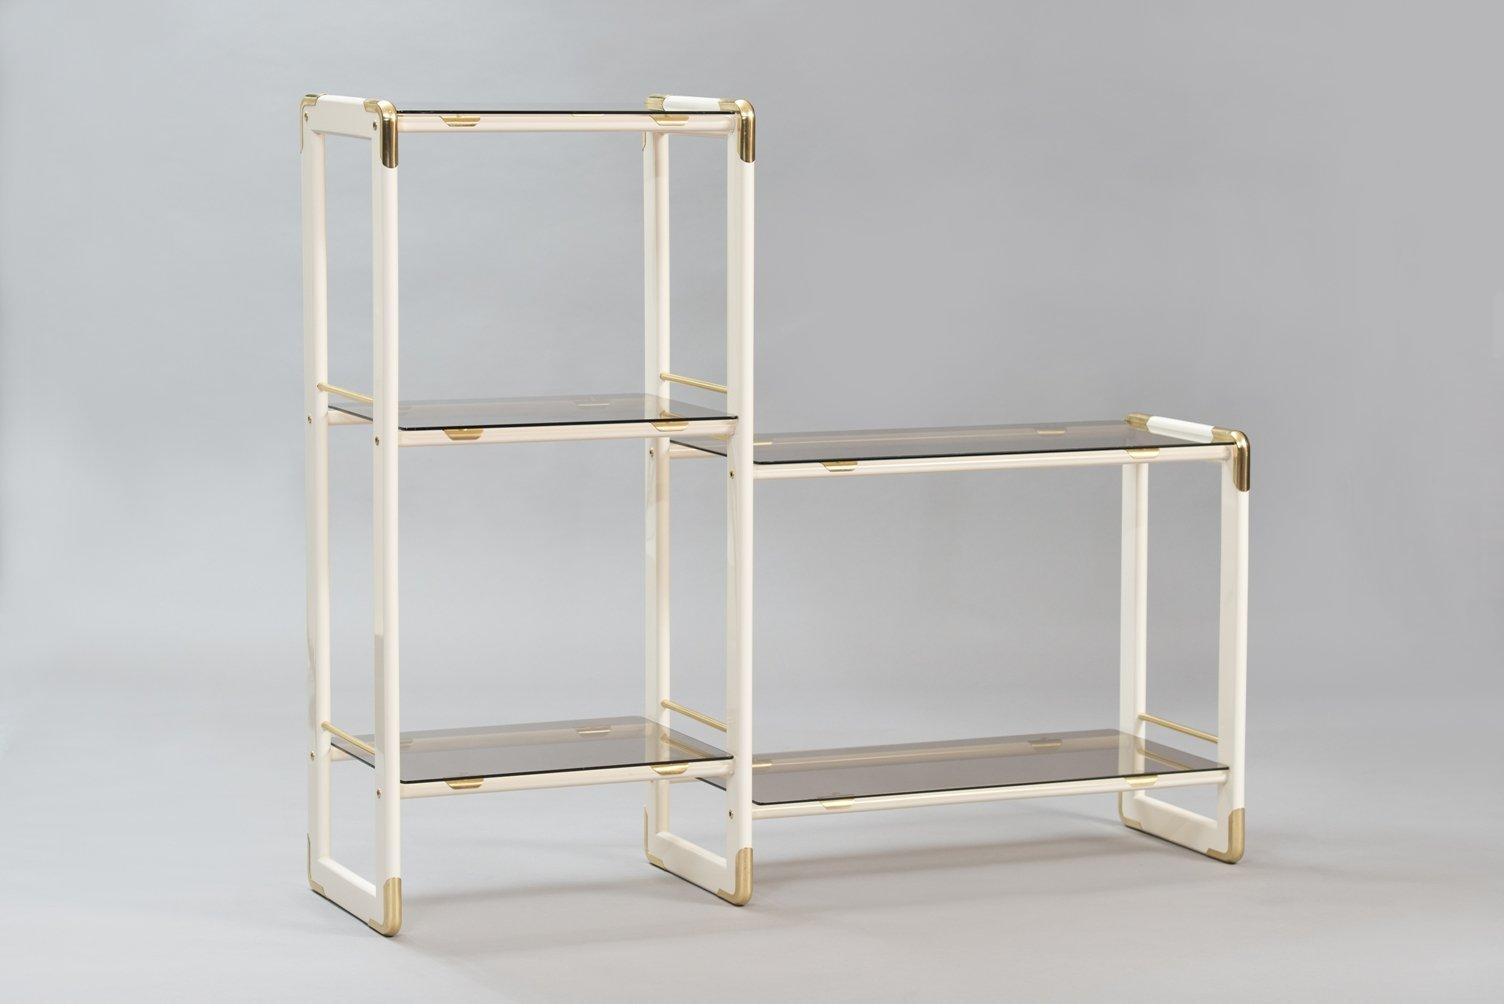 italienisches vintage b cherregal aus holz messing glas bei pamono kaufen. Black Bedroom Furniture Sets. Home Design Ideas